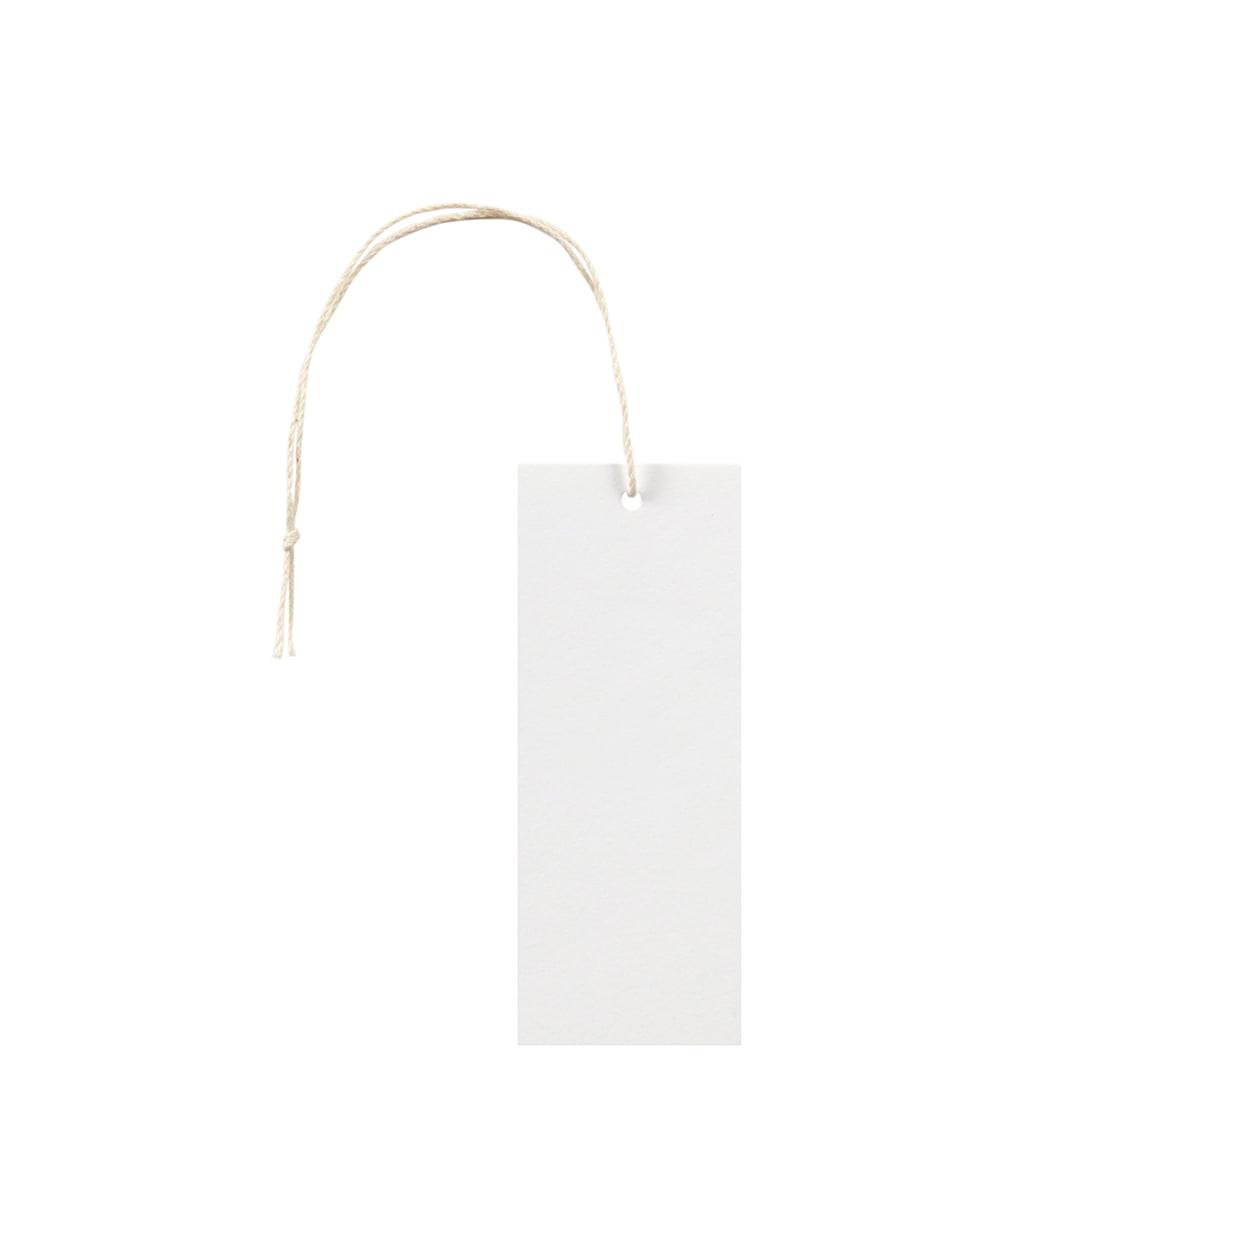 タグ35×90四角形 コットンスノーホワイト 232.8g タグ紐(細)コットン生成